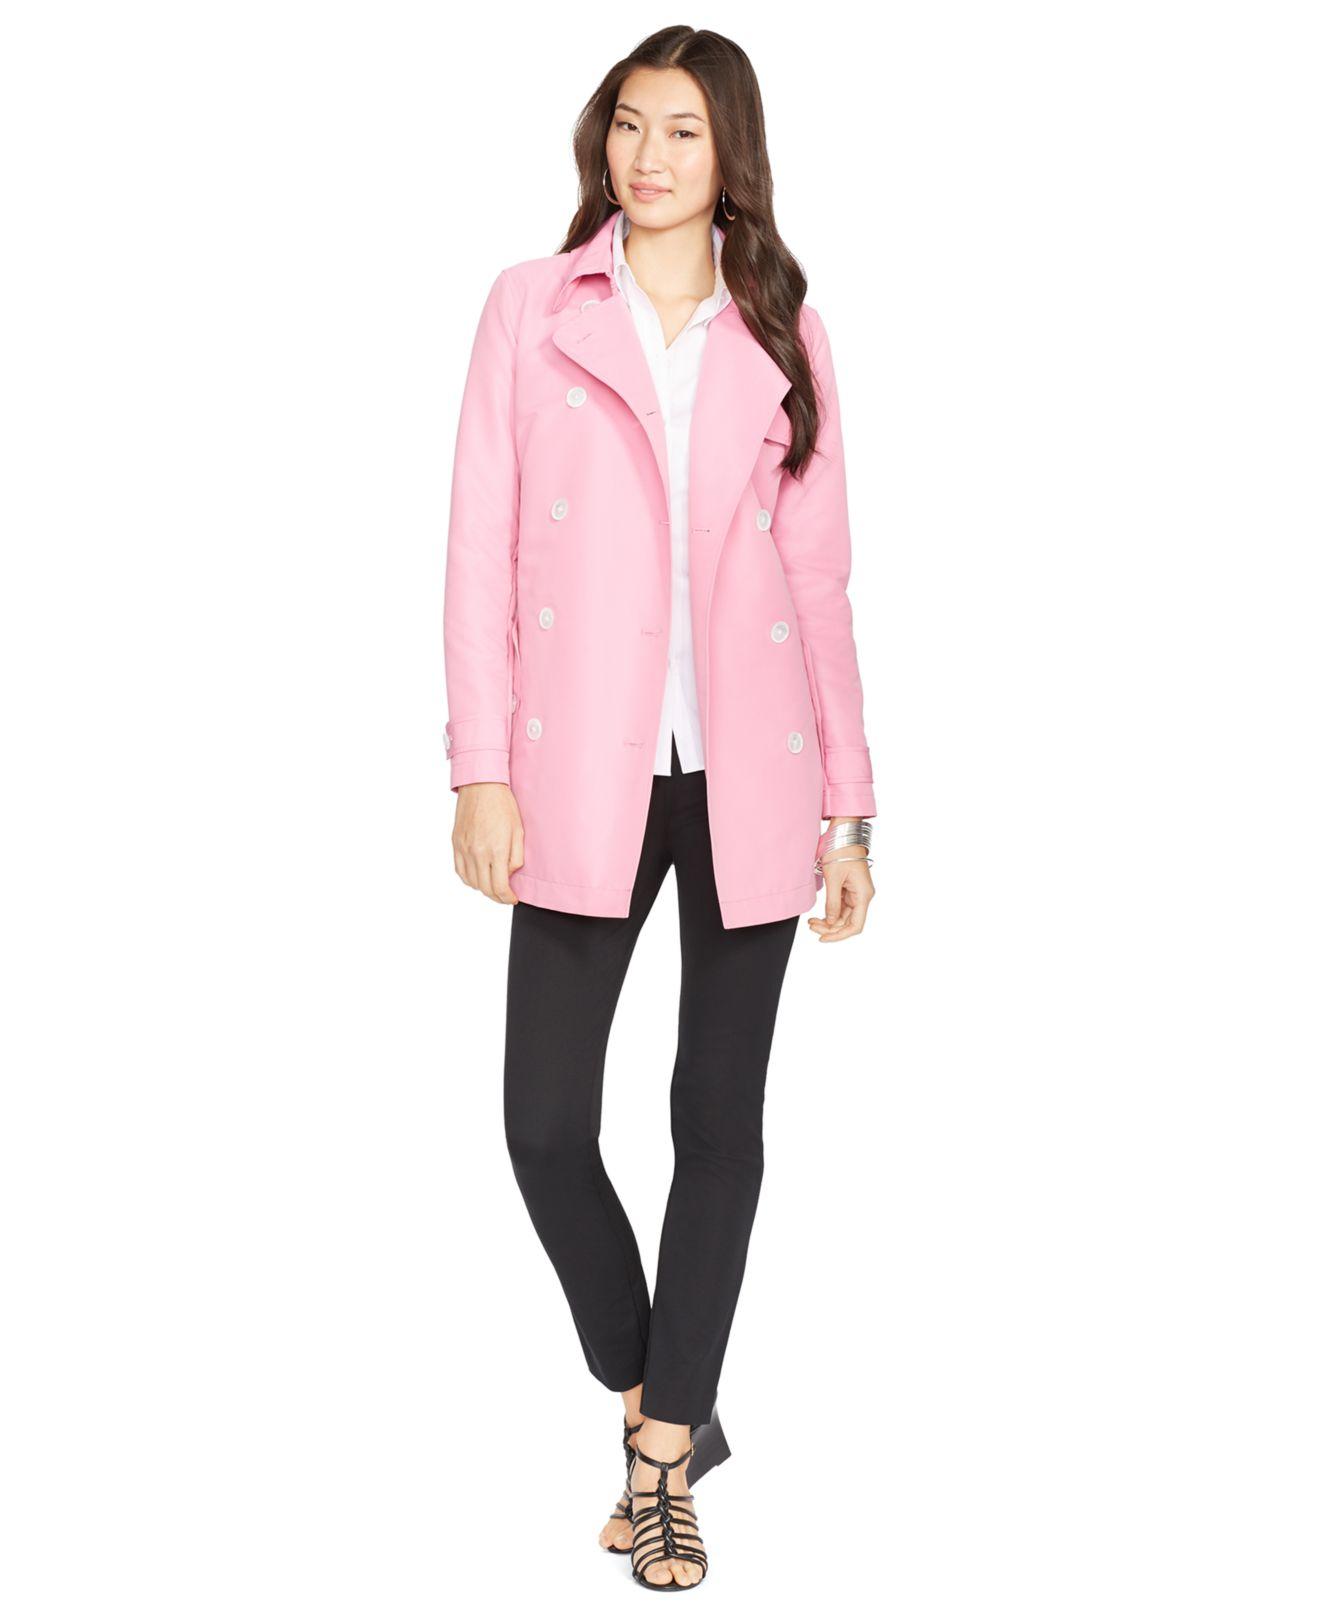 Lauren by ralph lauren Petite Double-Breasted Trench Coat in Pink ...